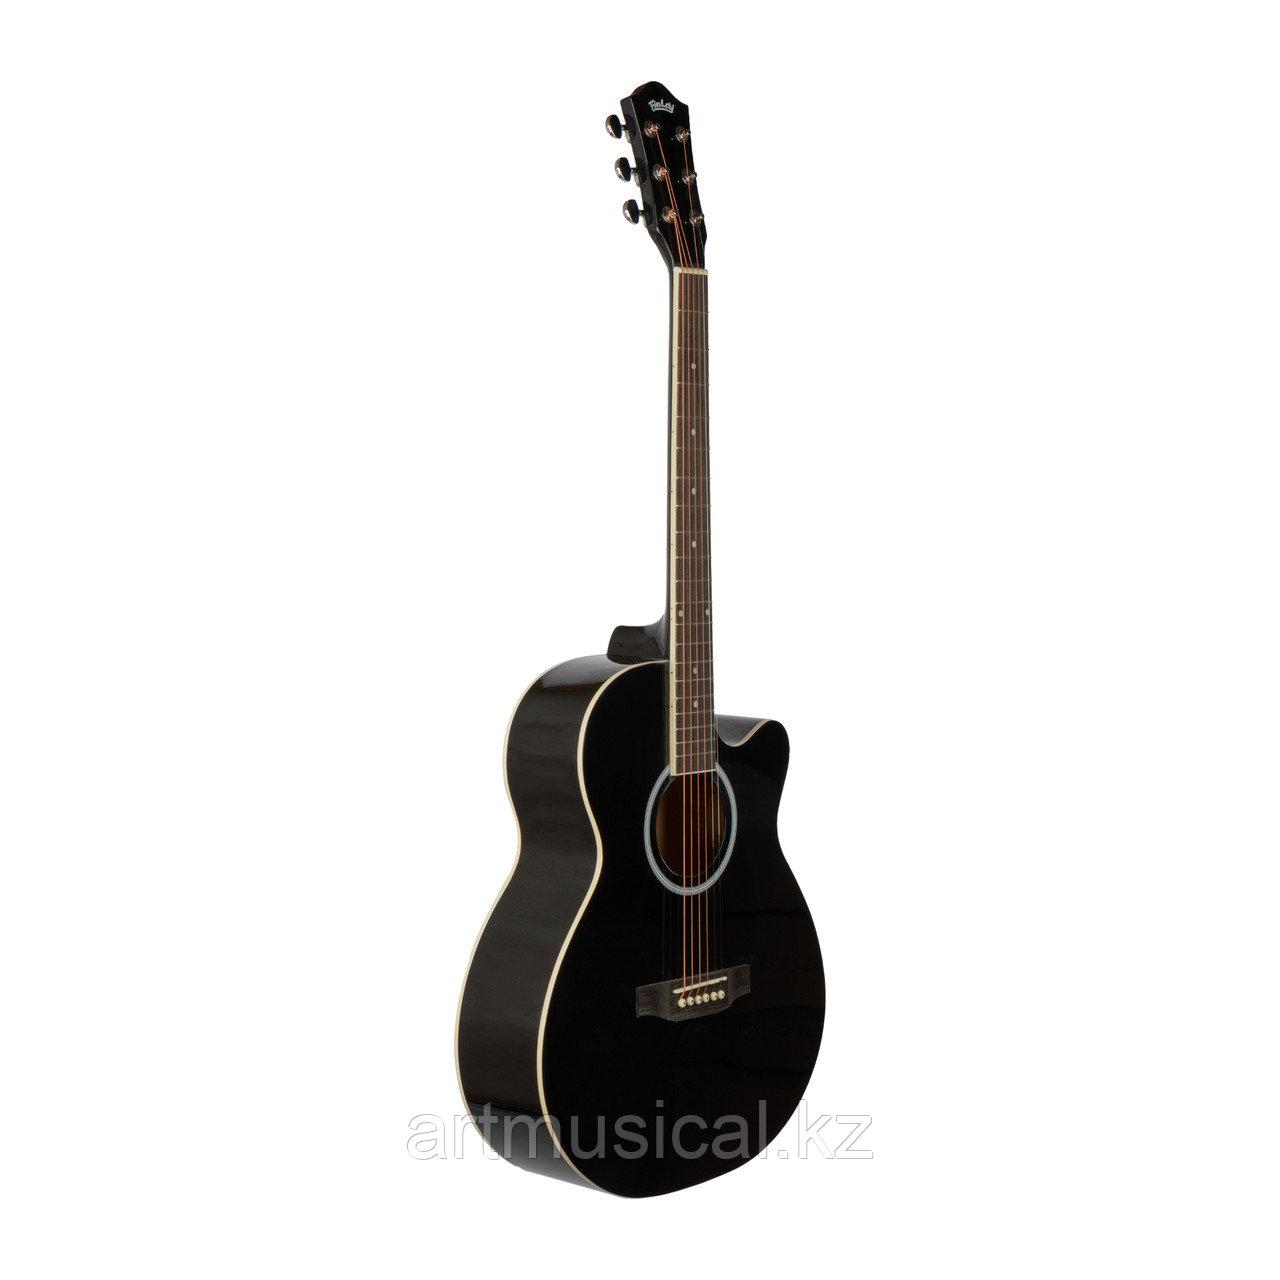 Акустическая гитара Finlay 40BK